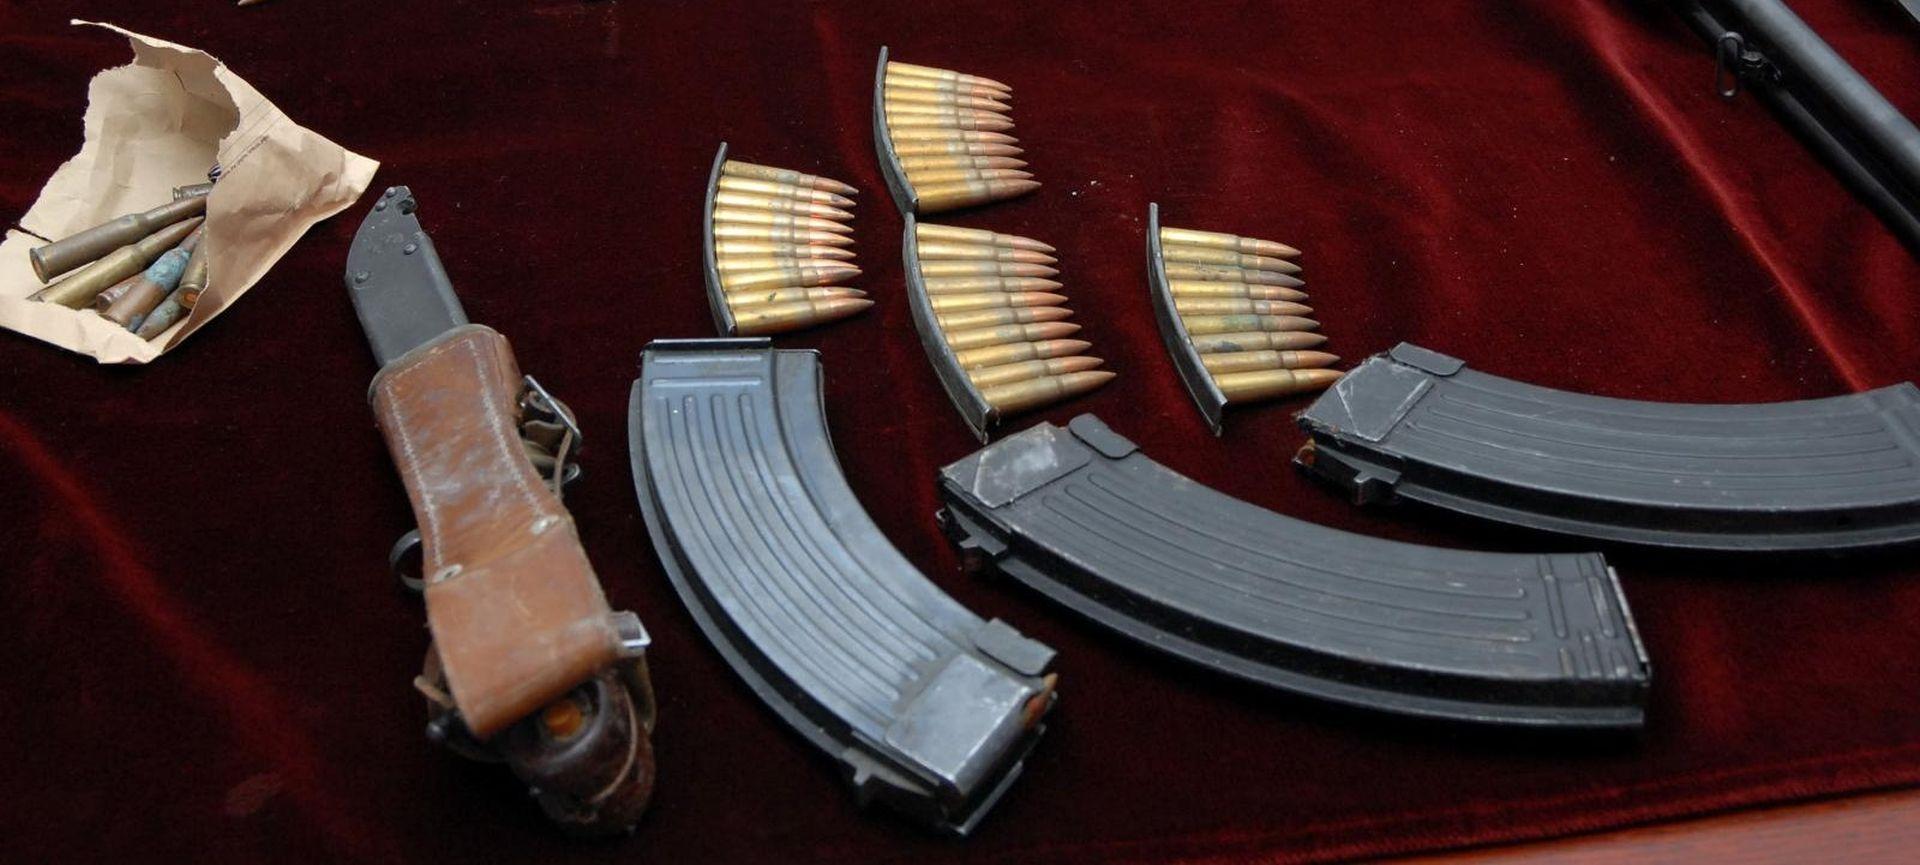 Čistio dvorište pa pronašao hrpu oružja, predao ga policiji